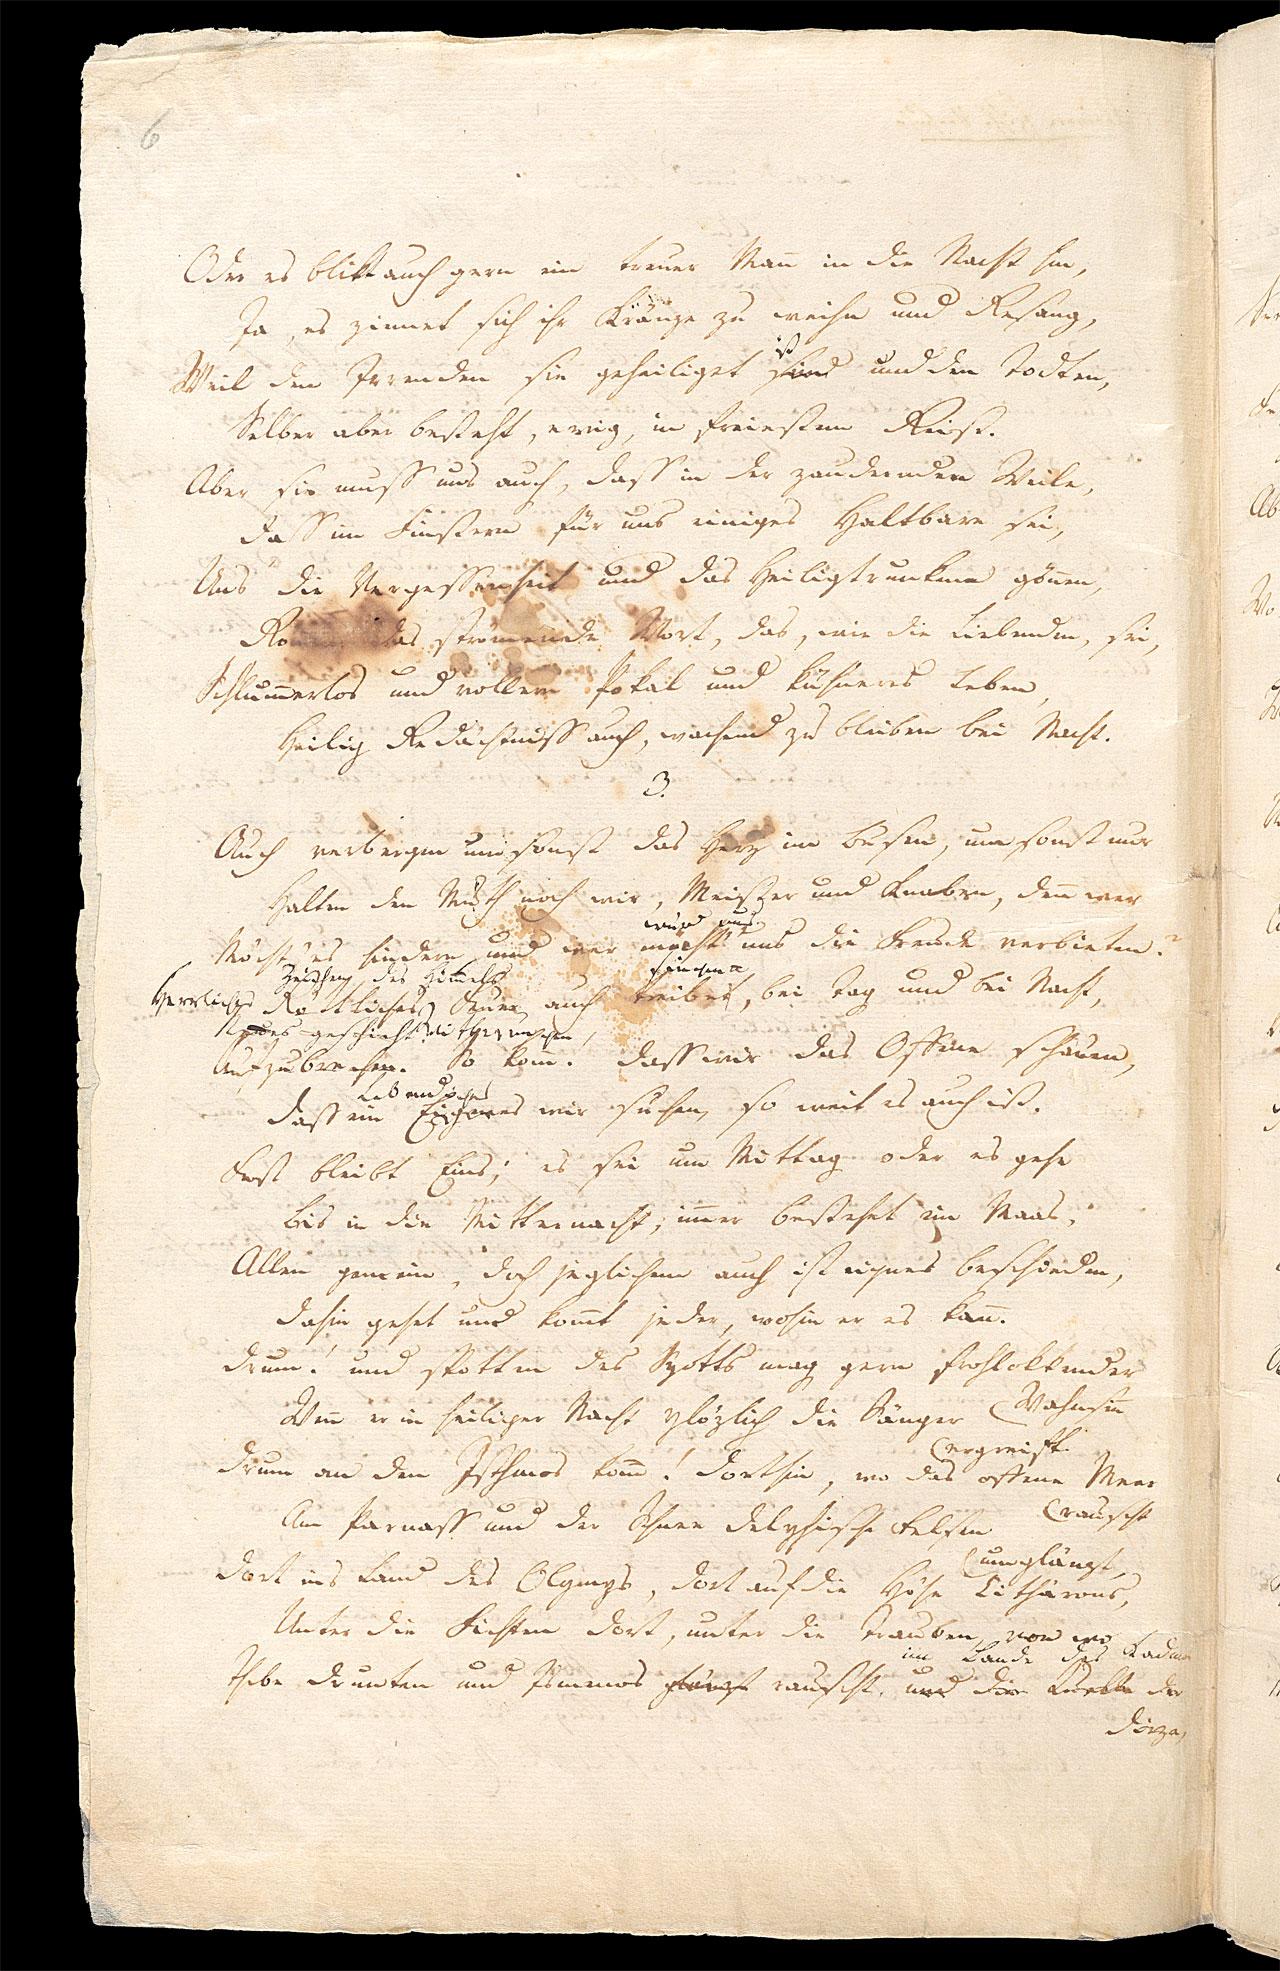 Friedrich Hölderlin, Homburger Folioheft, Seite 6, Brod und Wein, Handschrift